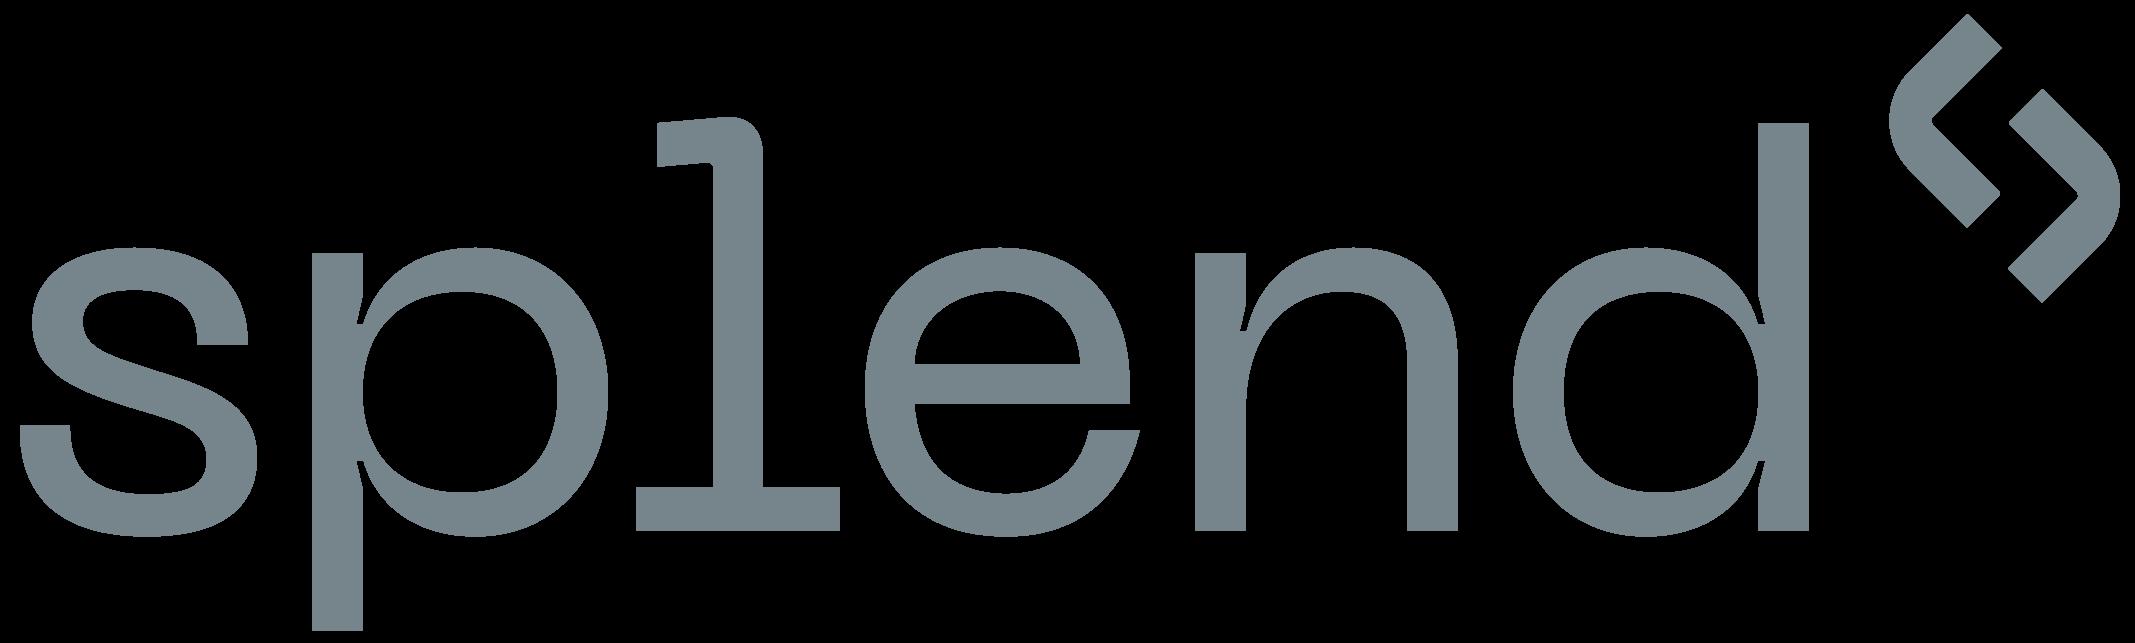 Splend logo